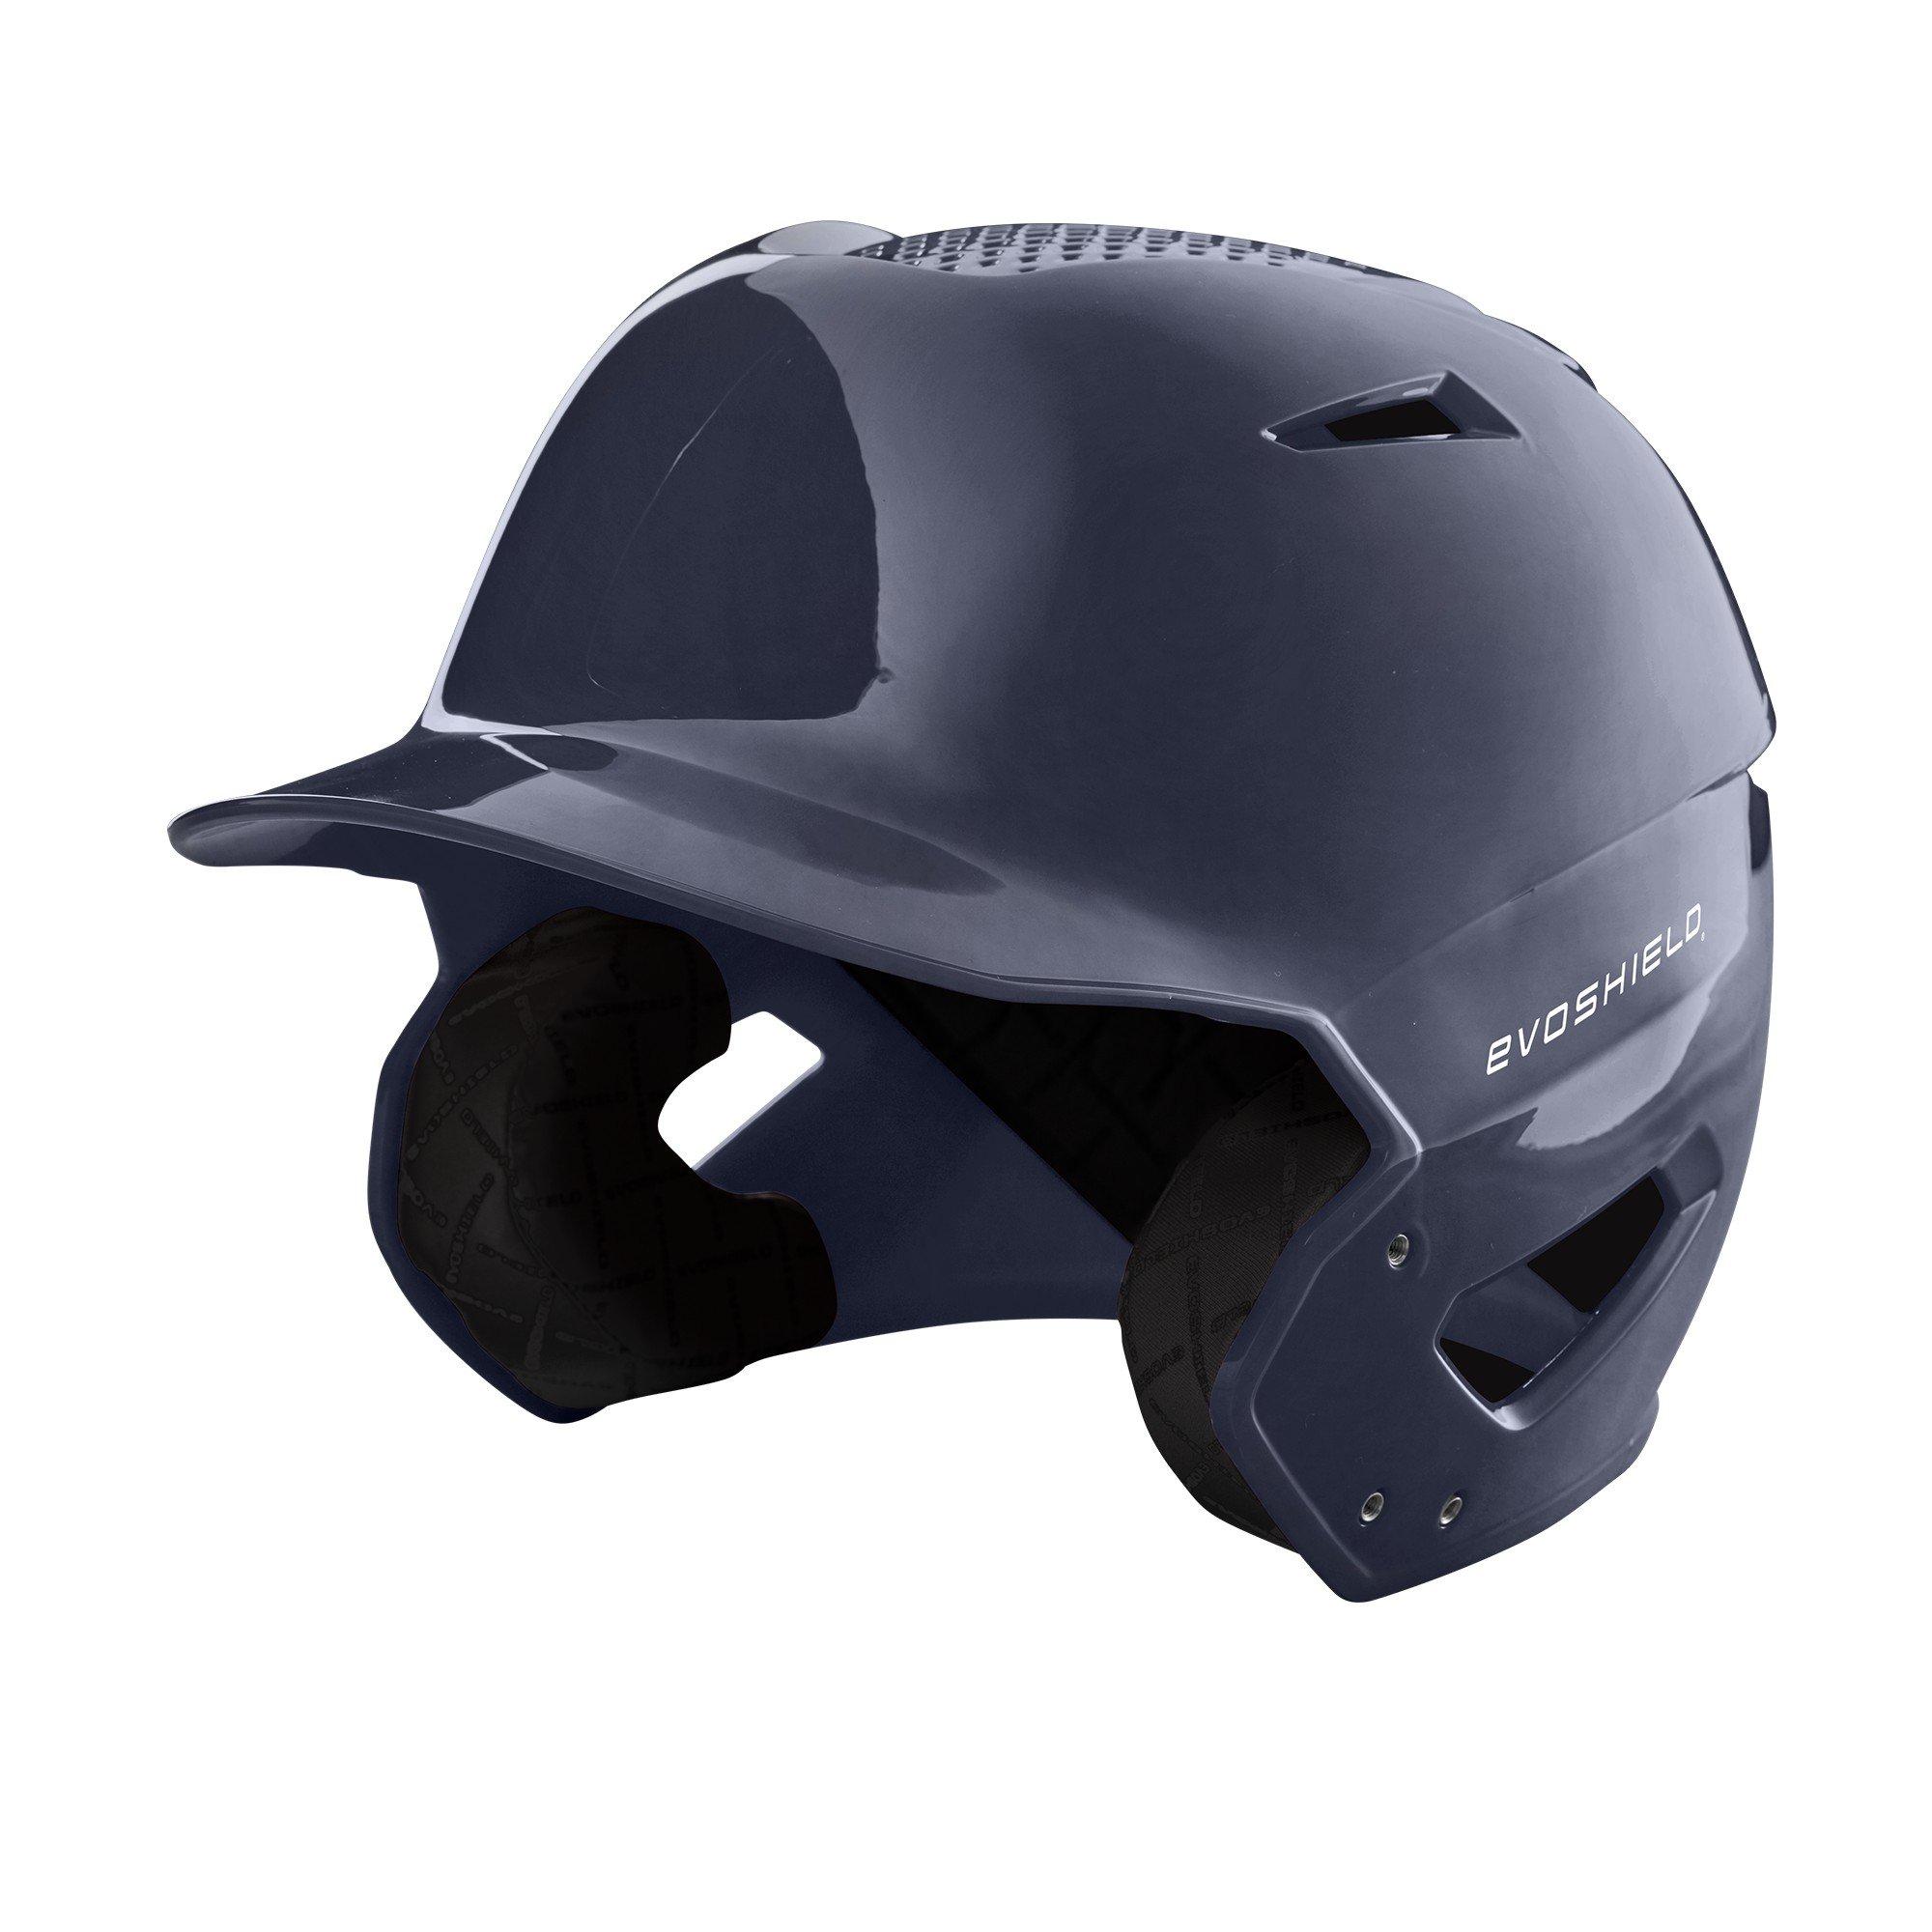 EvoShield XVT Batting Helmet, Navy - S-M by EvoShield